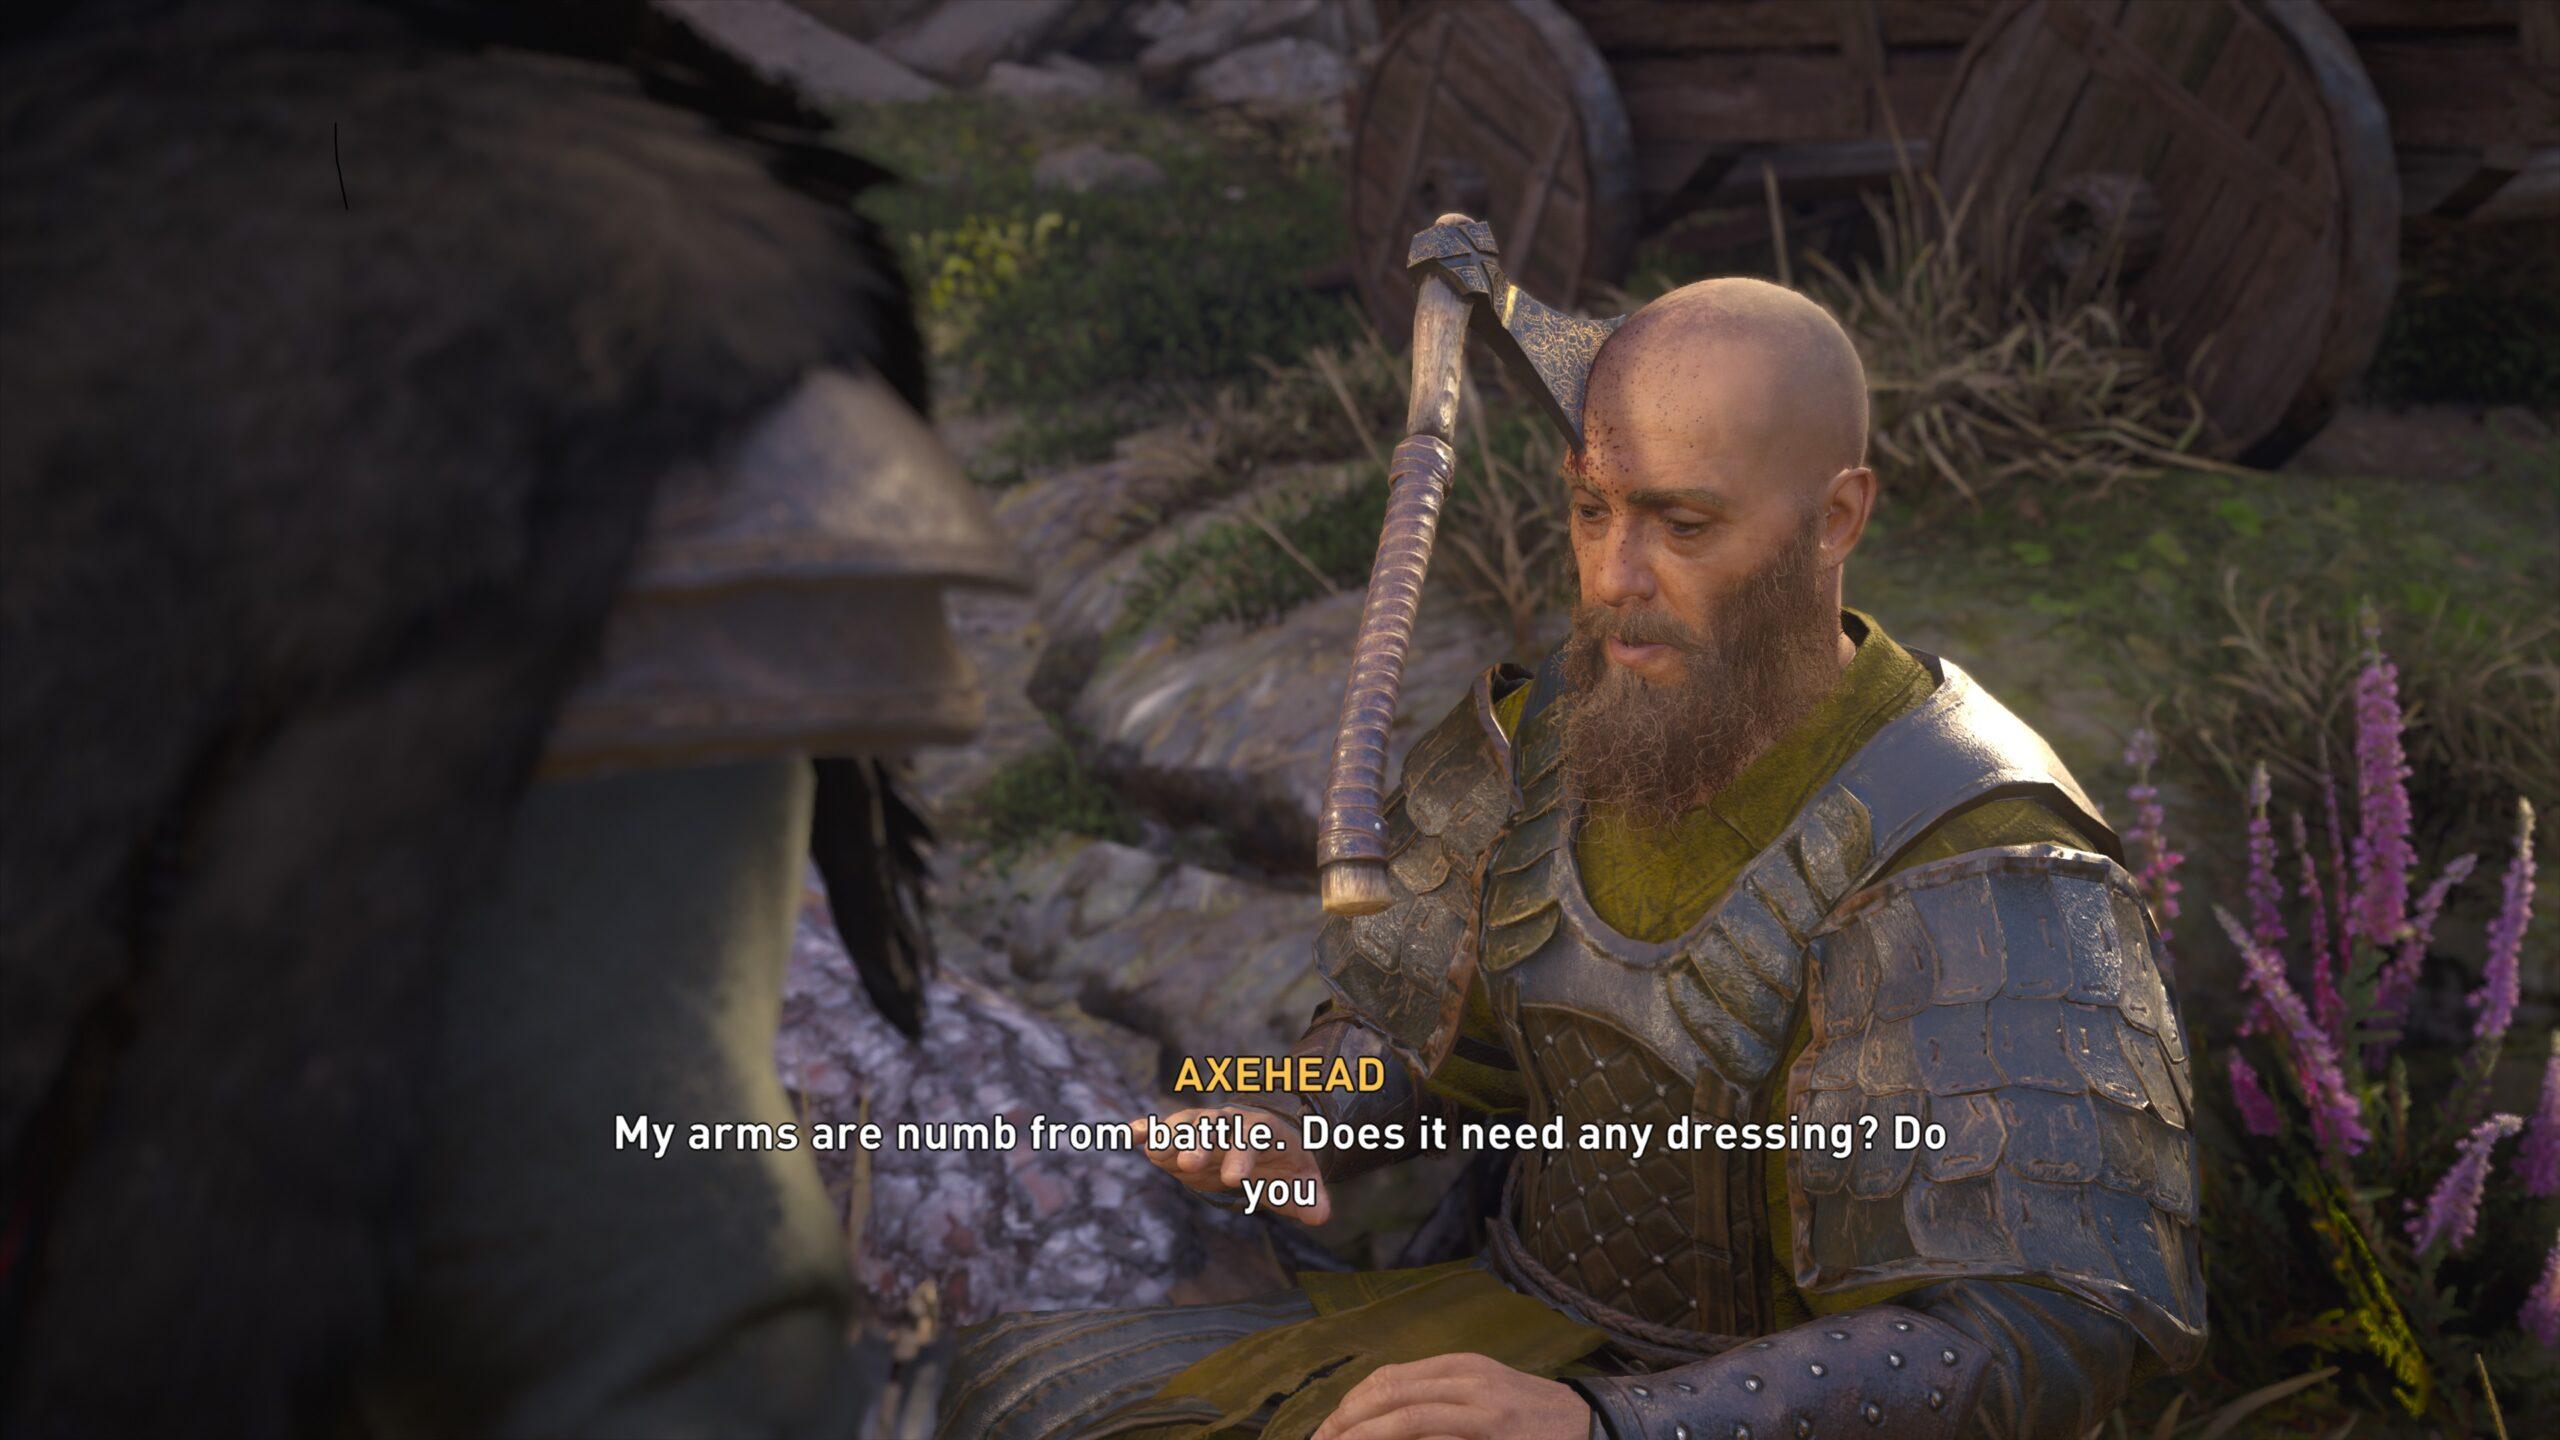 Man with Axe on head Valhalla AC